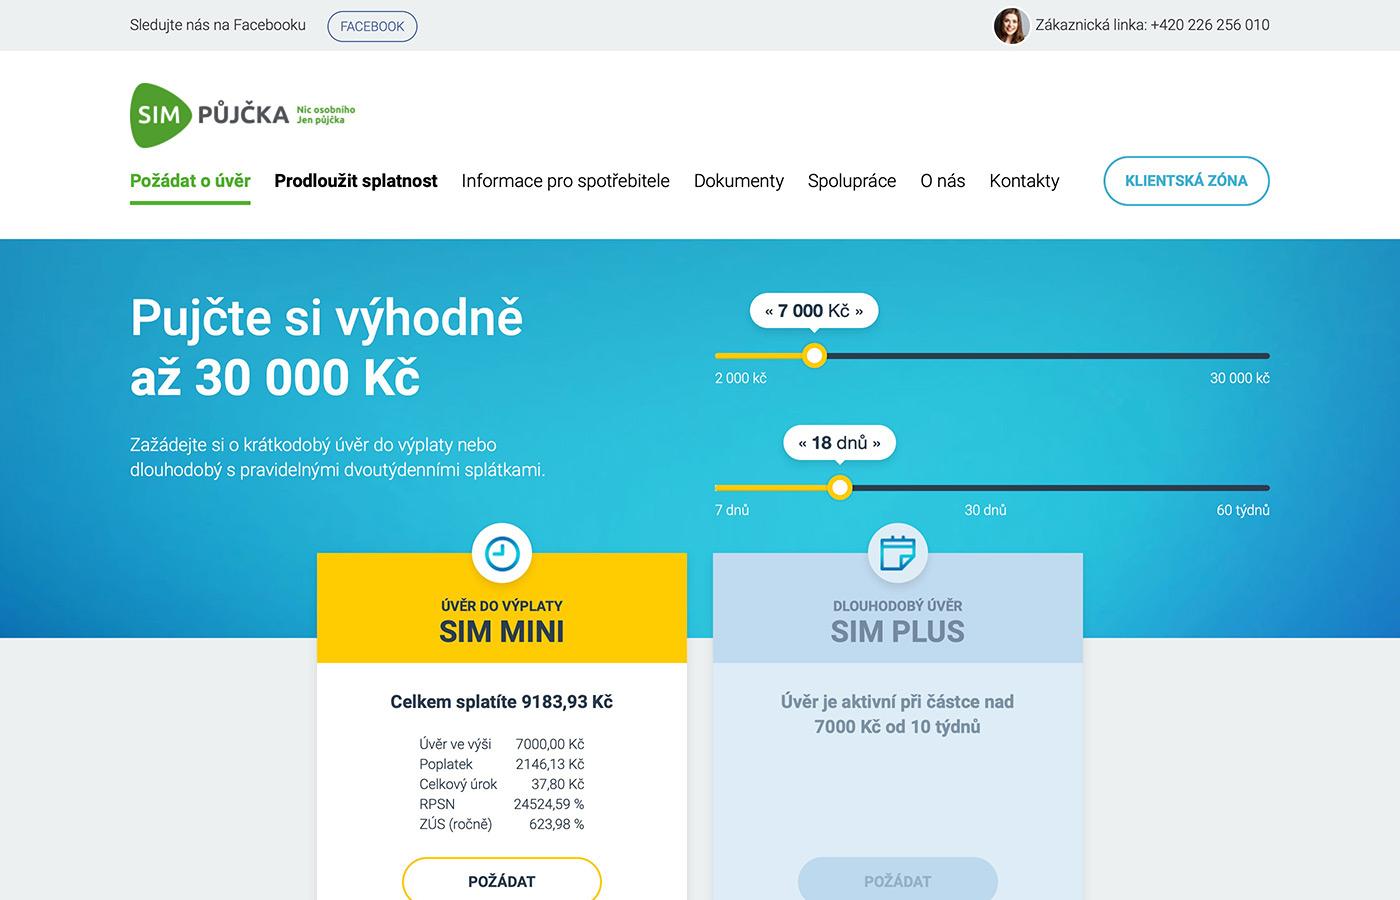 Webové stránky https://www.simpujcka.cz